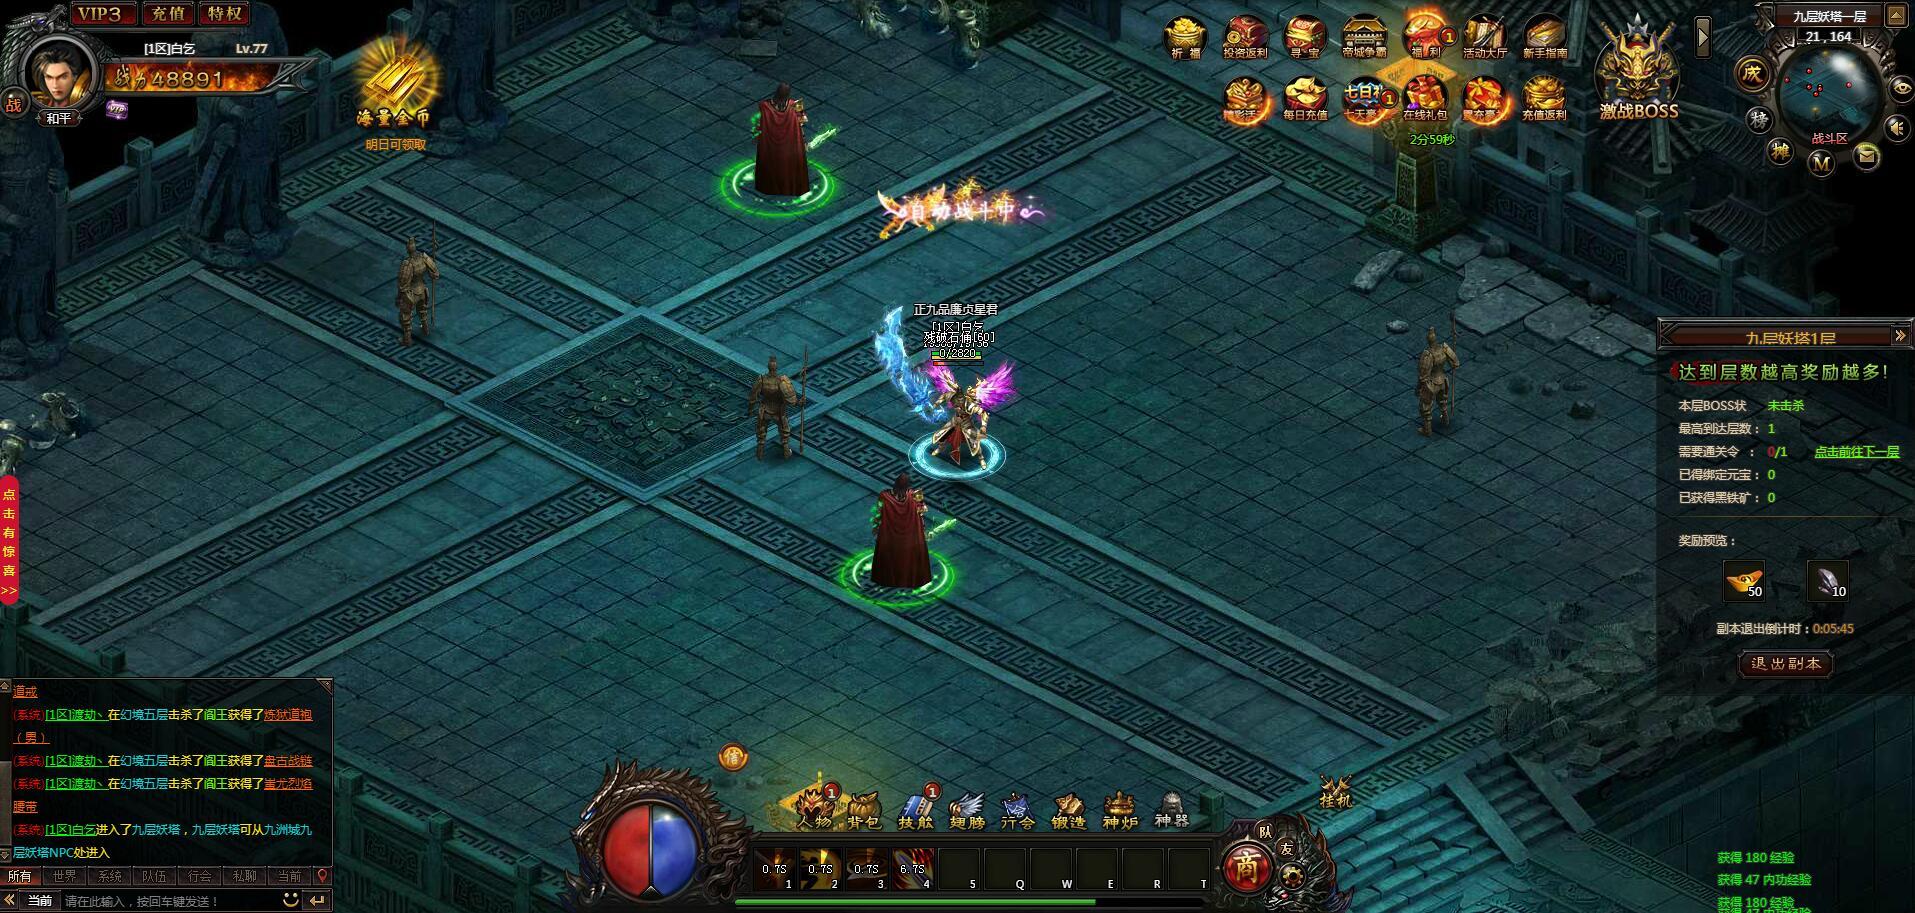 暗影沙城游戏截图2